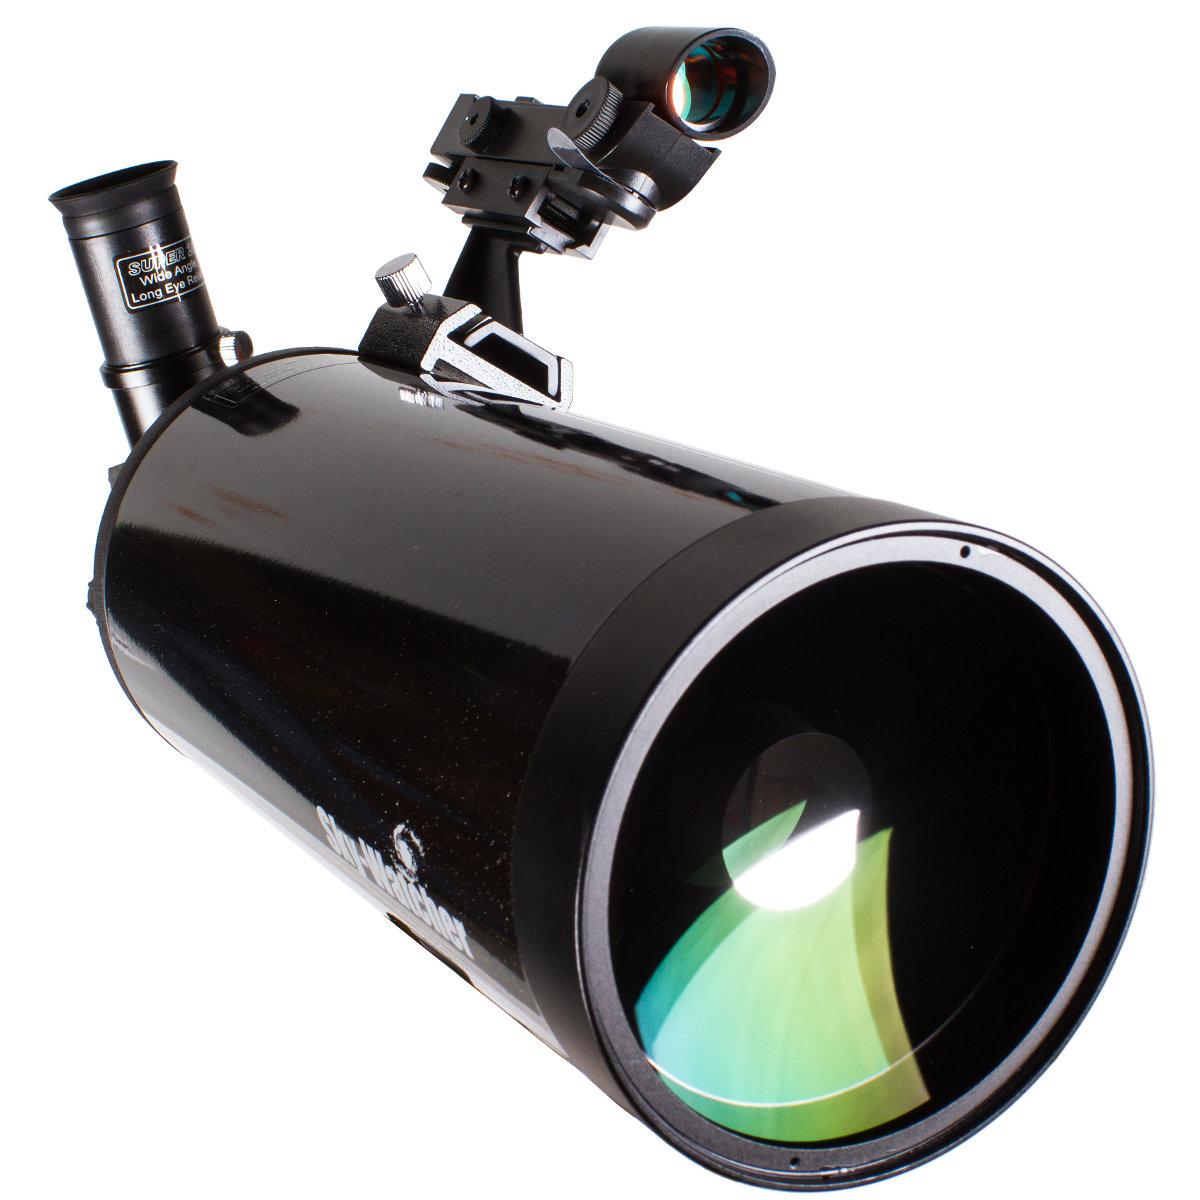 Труба оптическая Sky-Watcher BK MAK127SP OTA за купить с доставкой по Москве и России. Модель 68567 от Sky-Watcher. Официальный дилер Sky-Watcher